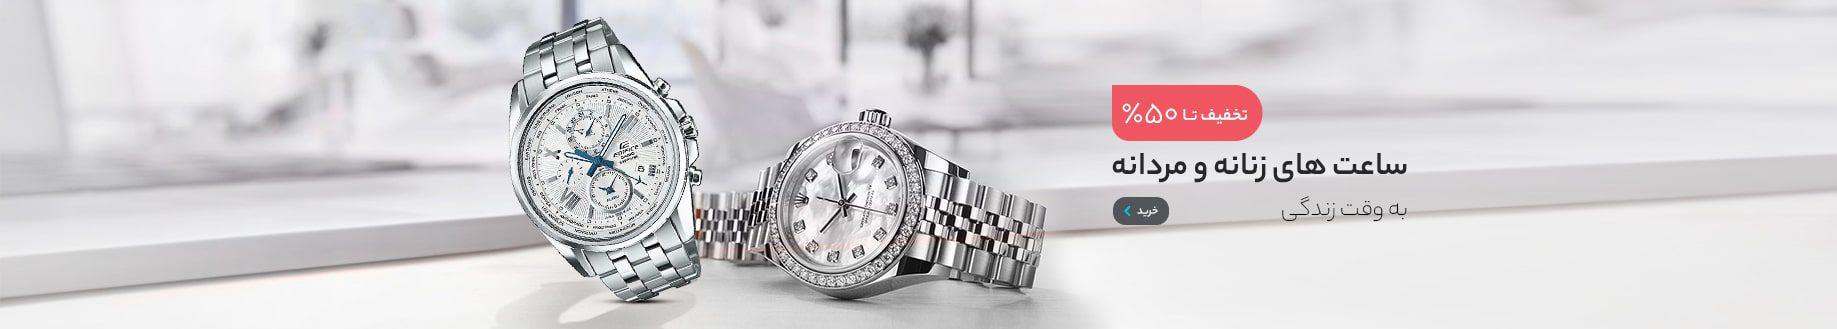 انواع ساعت مچی - بزودی